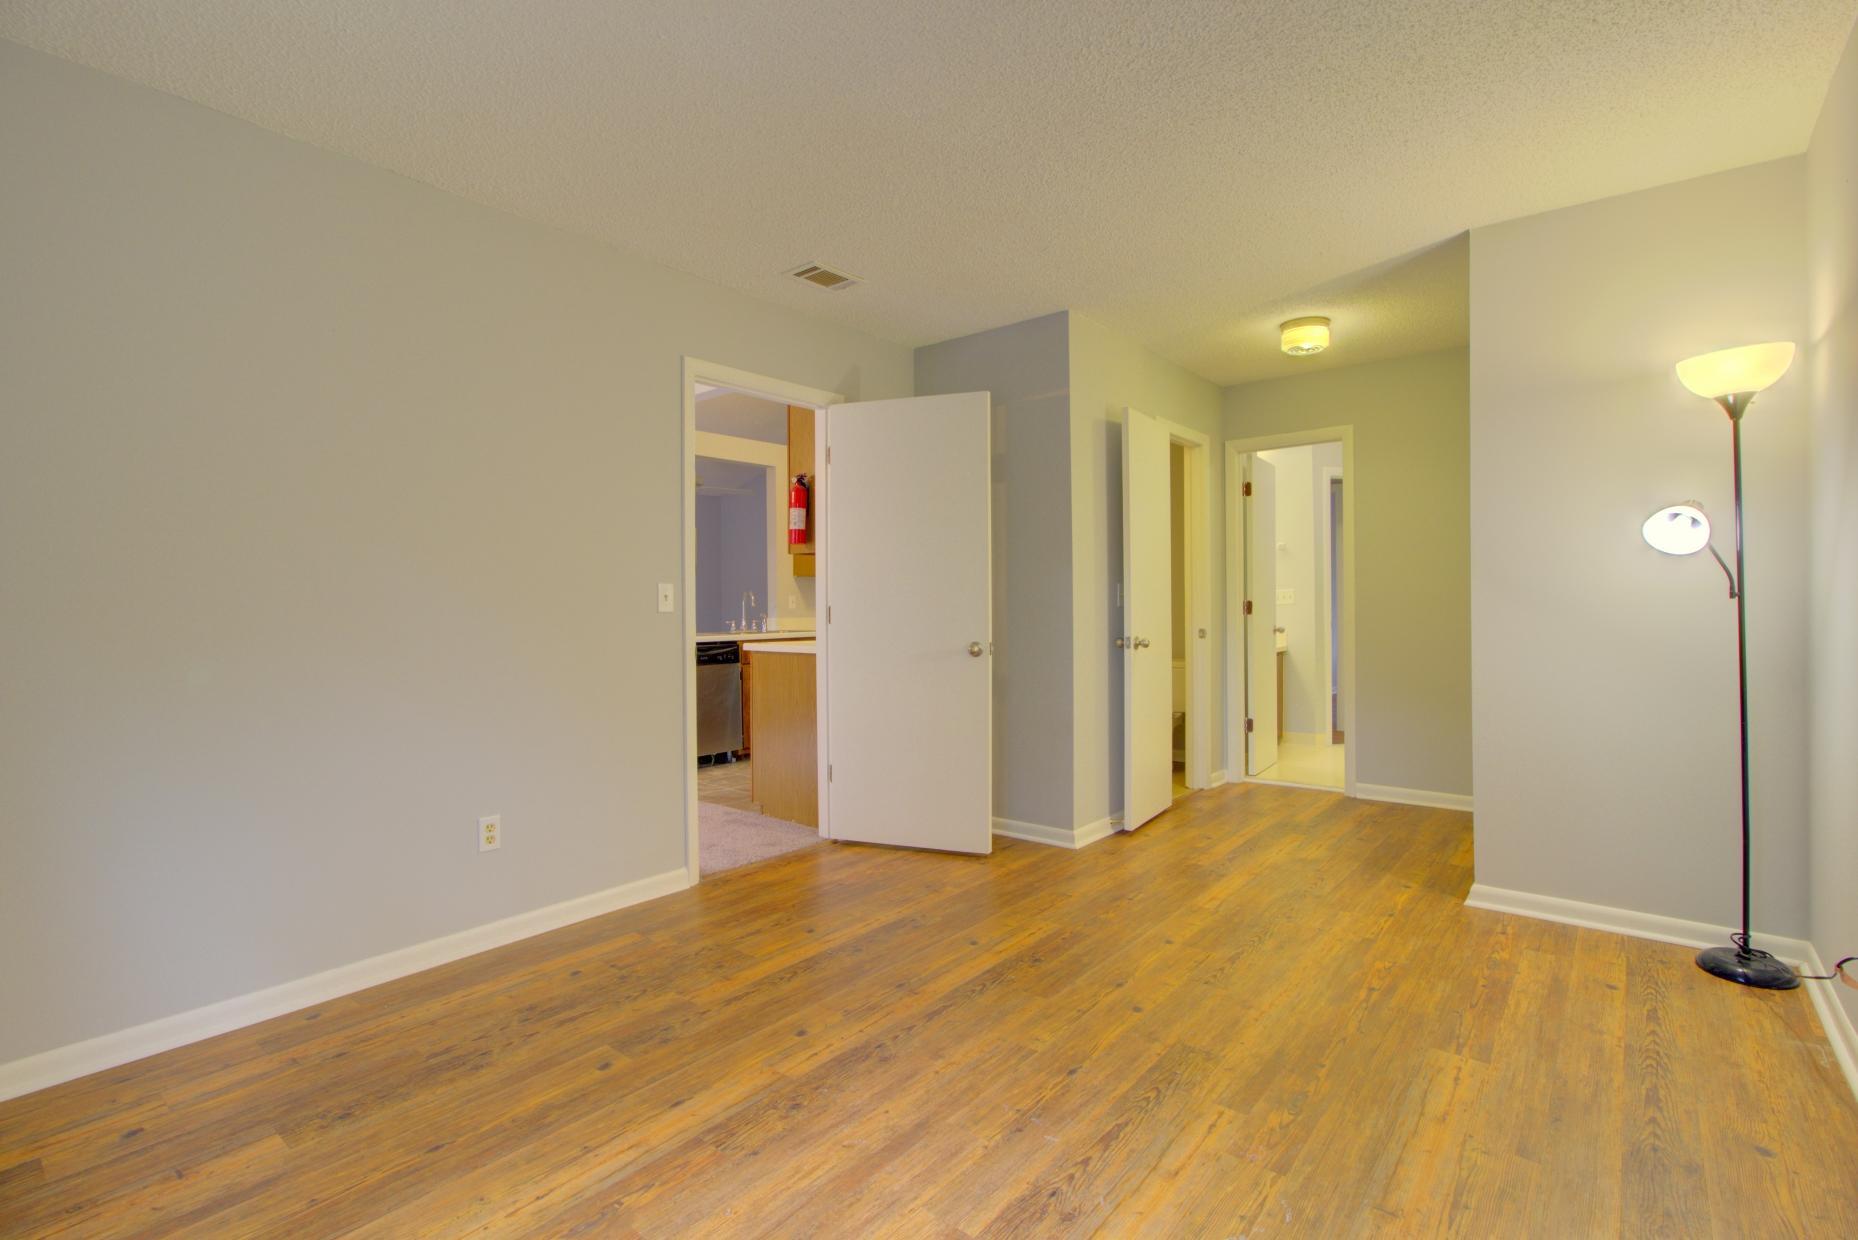 Willow Walk Homes For Sale - 1102 Oakcrest, Charleston, SC - 16